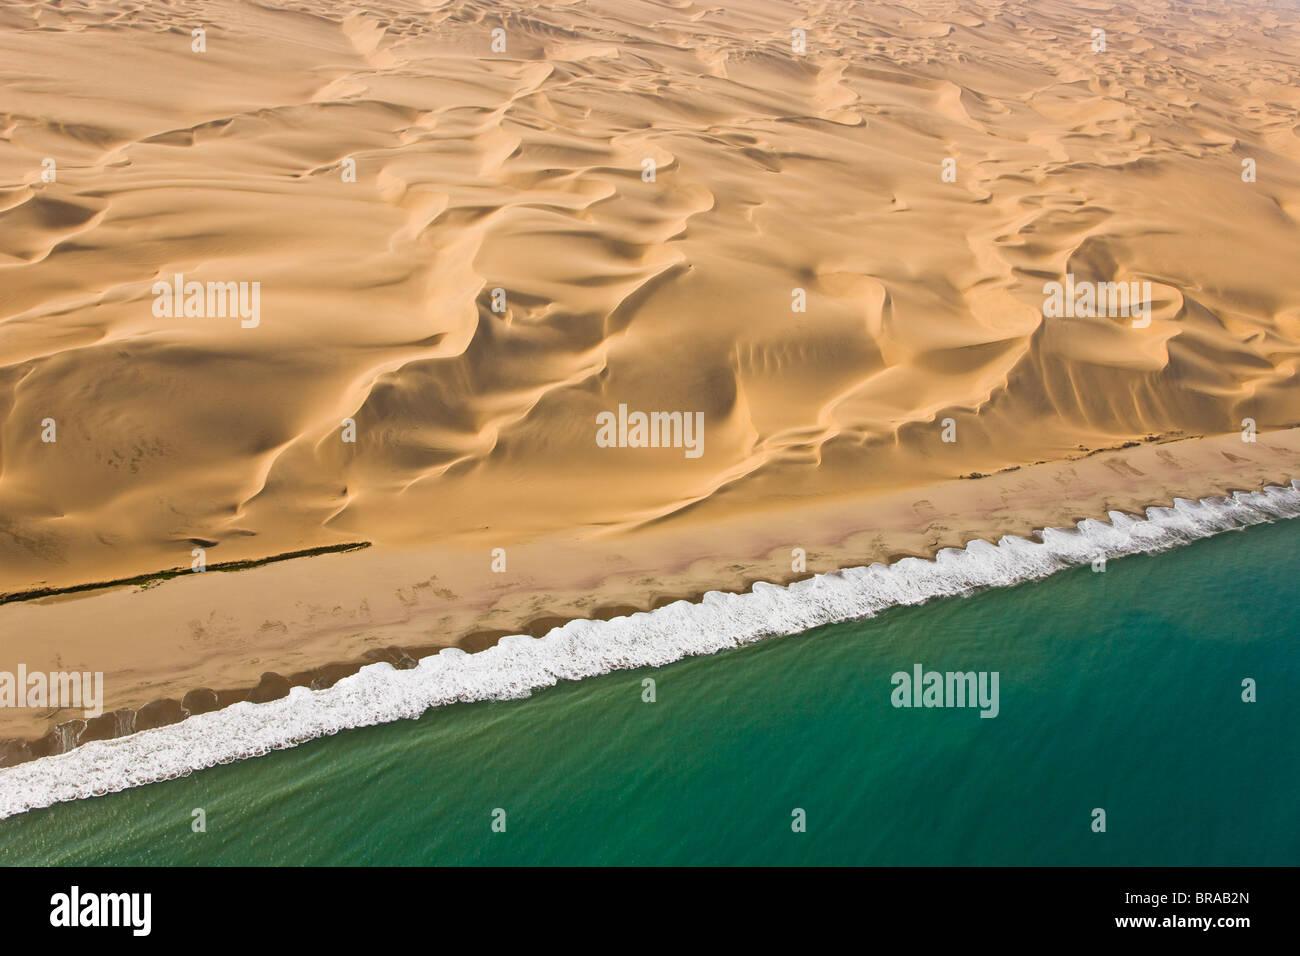 Vista aérea de dunas de arena y la costa atlántica, cerca del desierto de Namib, en Swakopmund, Namibia, Imagen De Stock